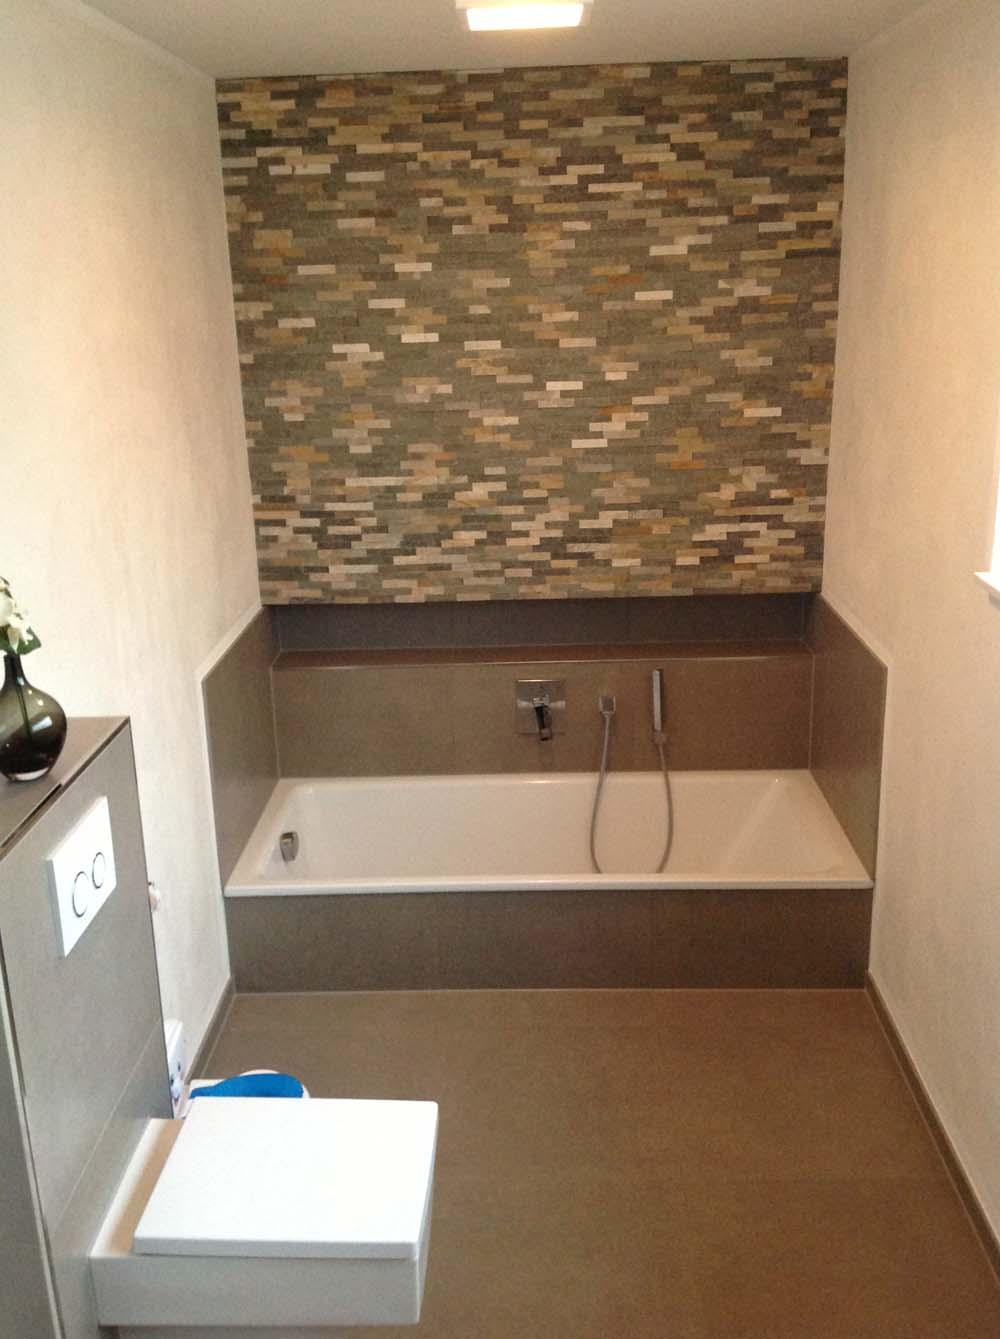 Badewanne eingelassen extra tief inkl. Niesche/ Ablage und Naturstein Brick